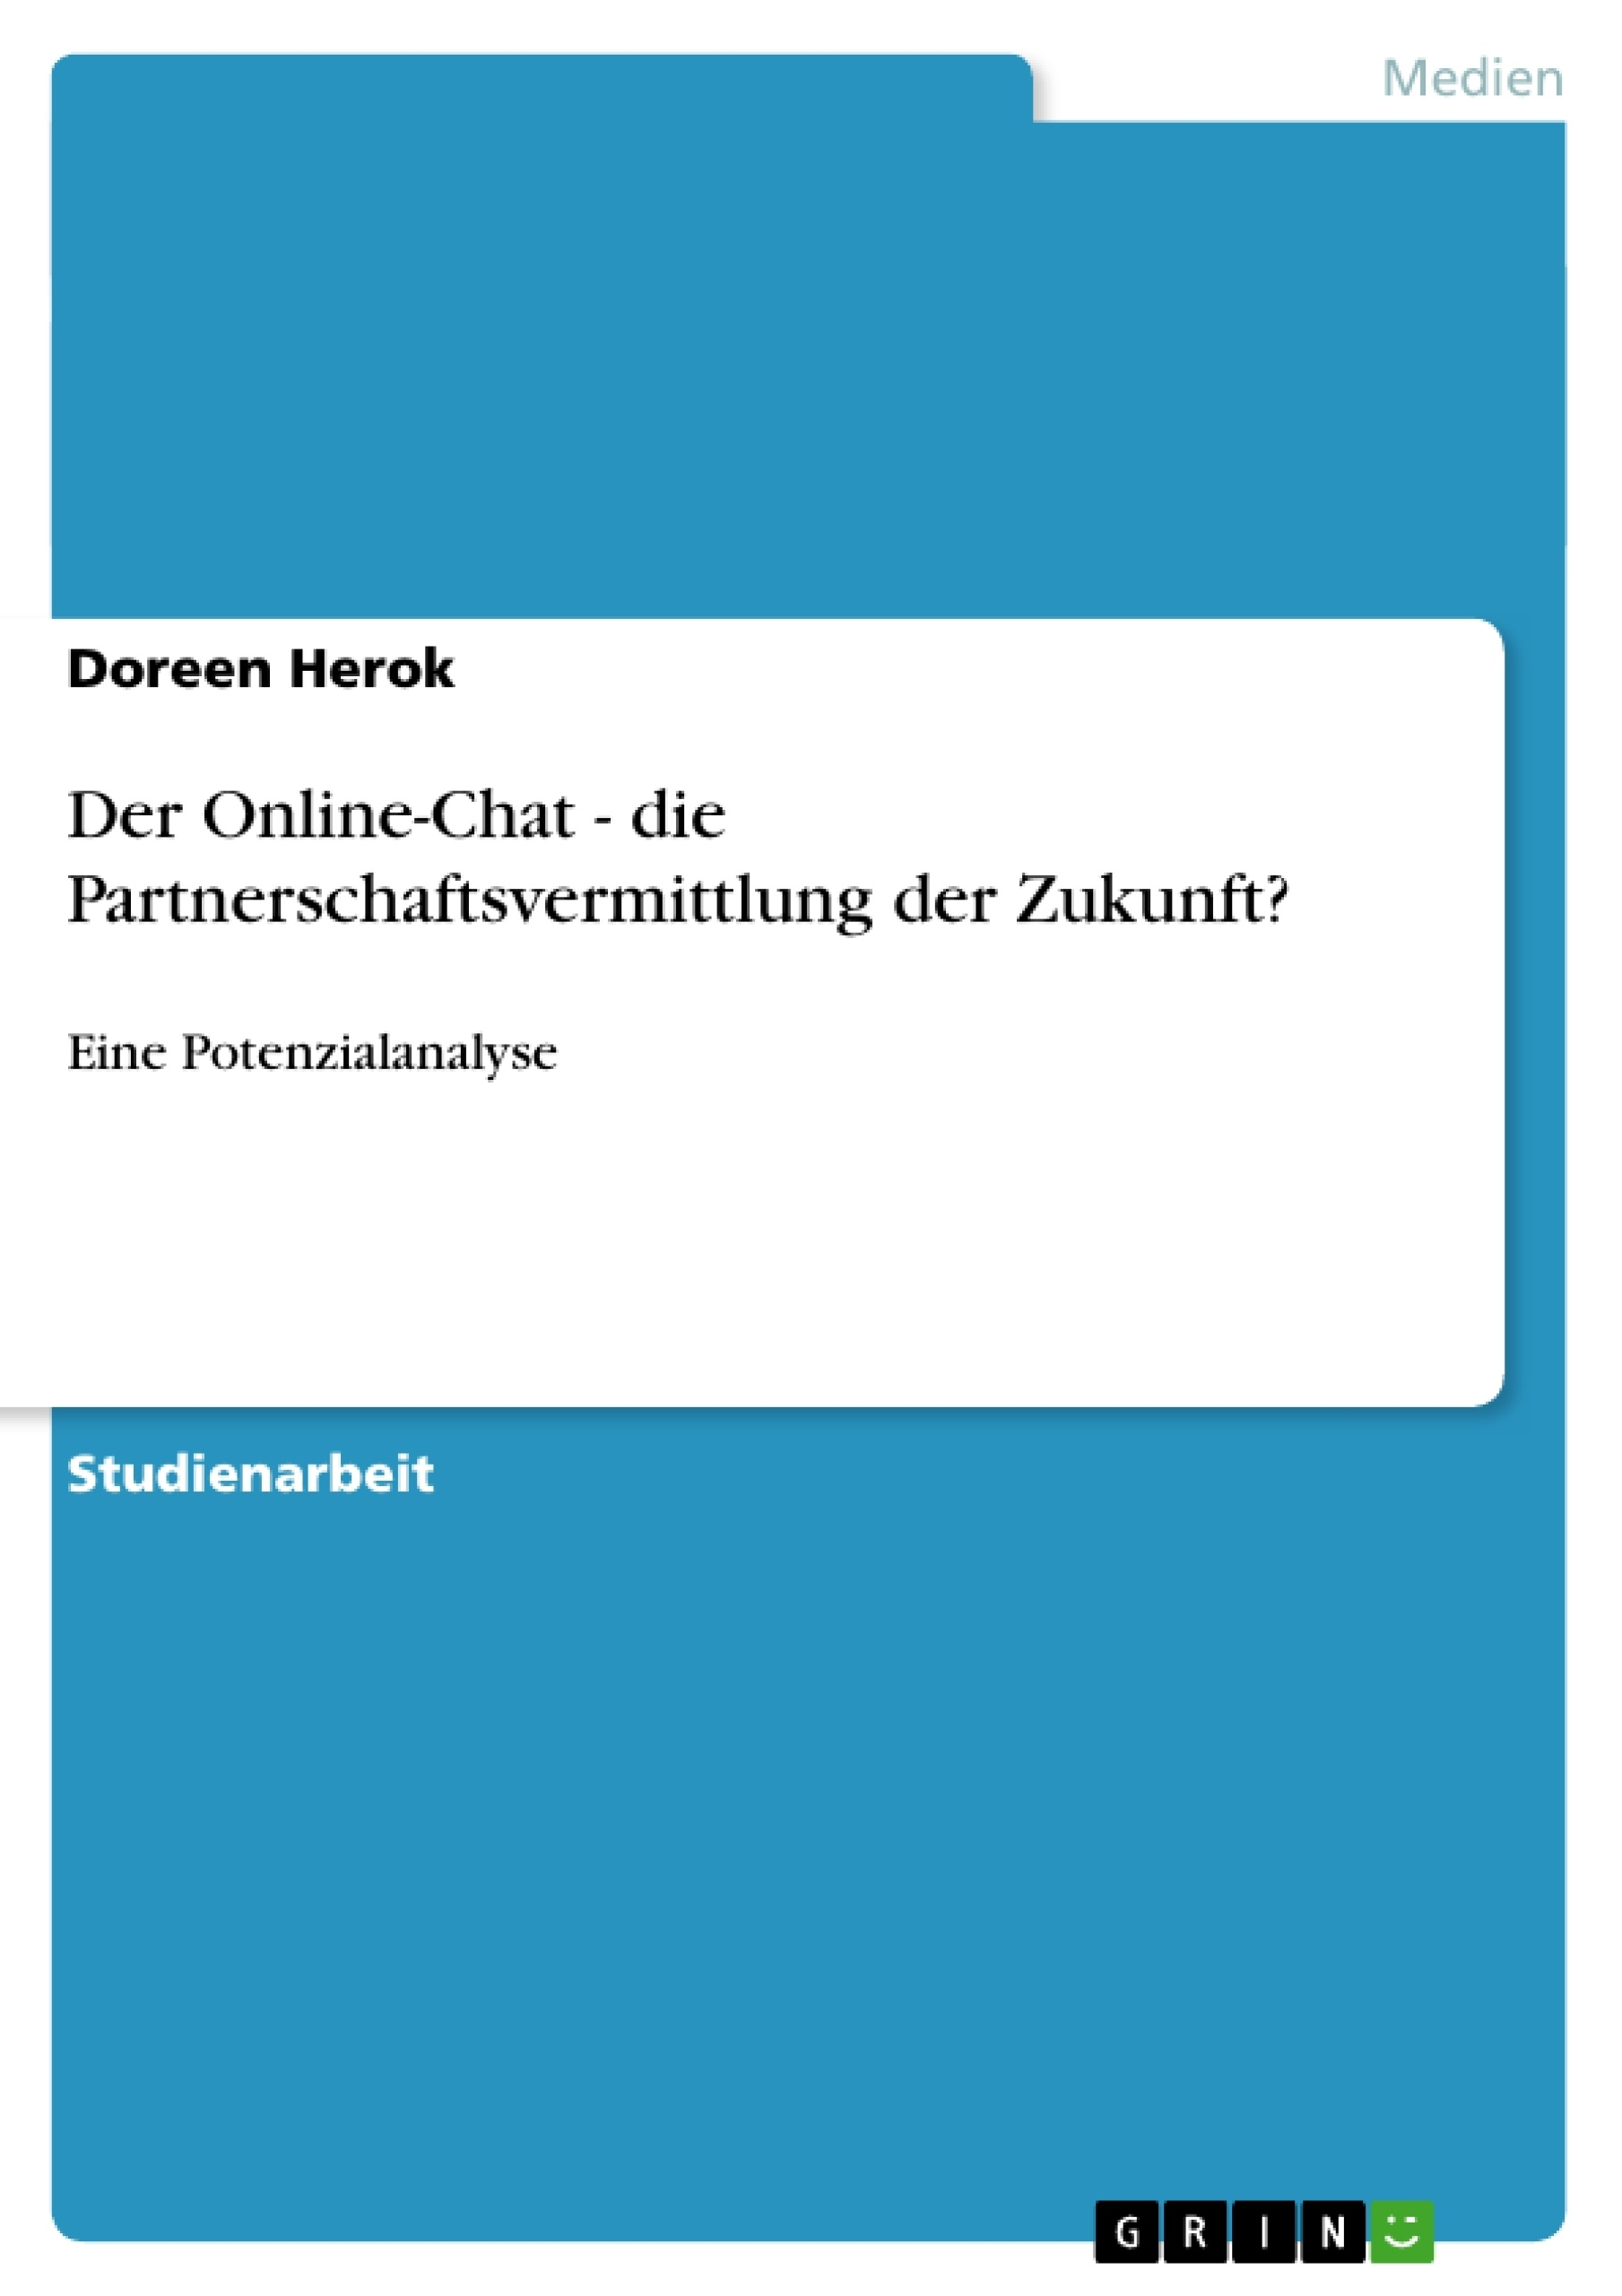 Titel: Der Online-Chat - die Partnerschaftsvermittlung der Zukunft?